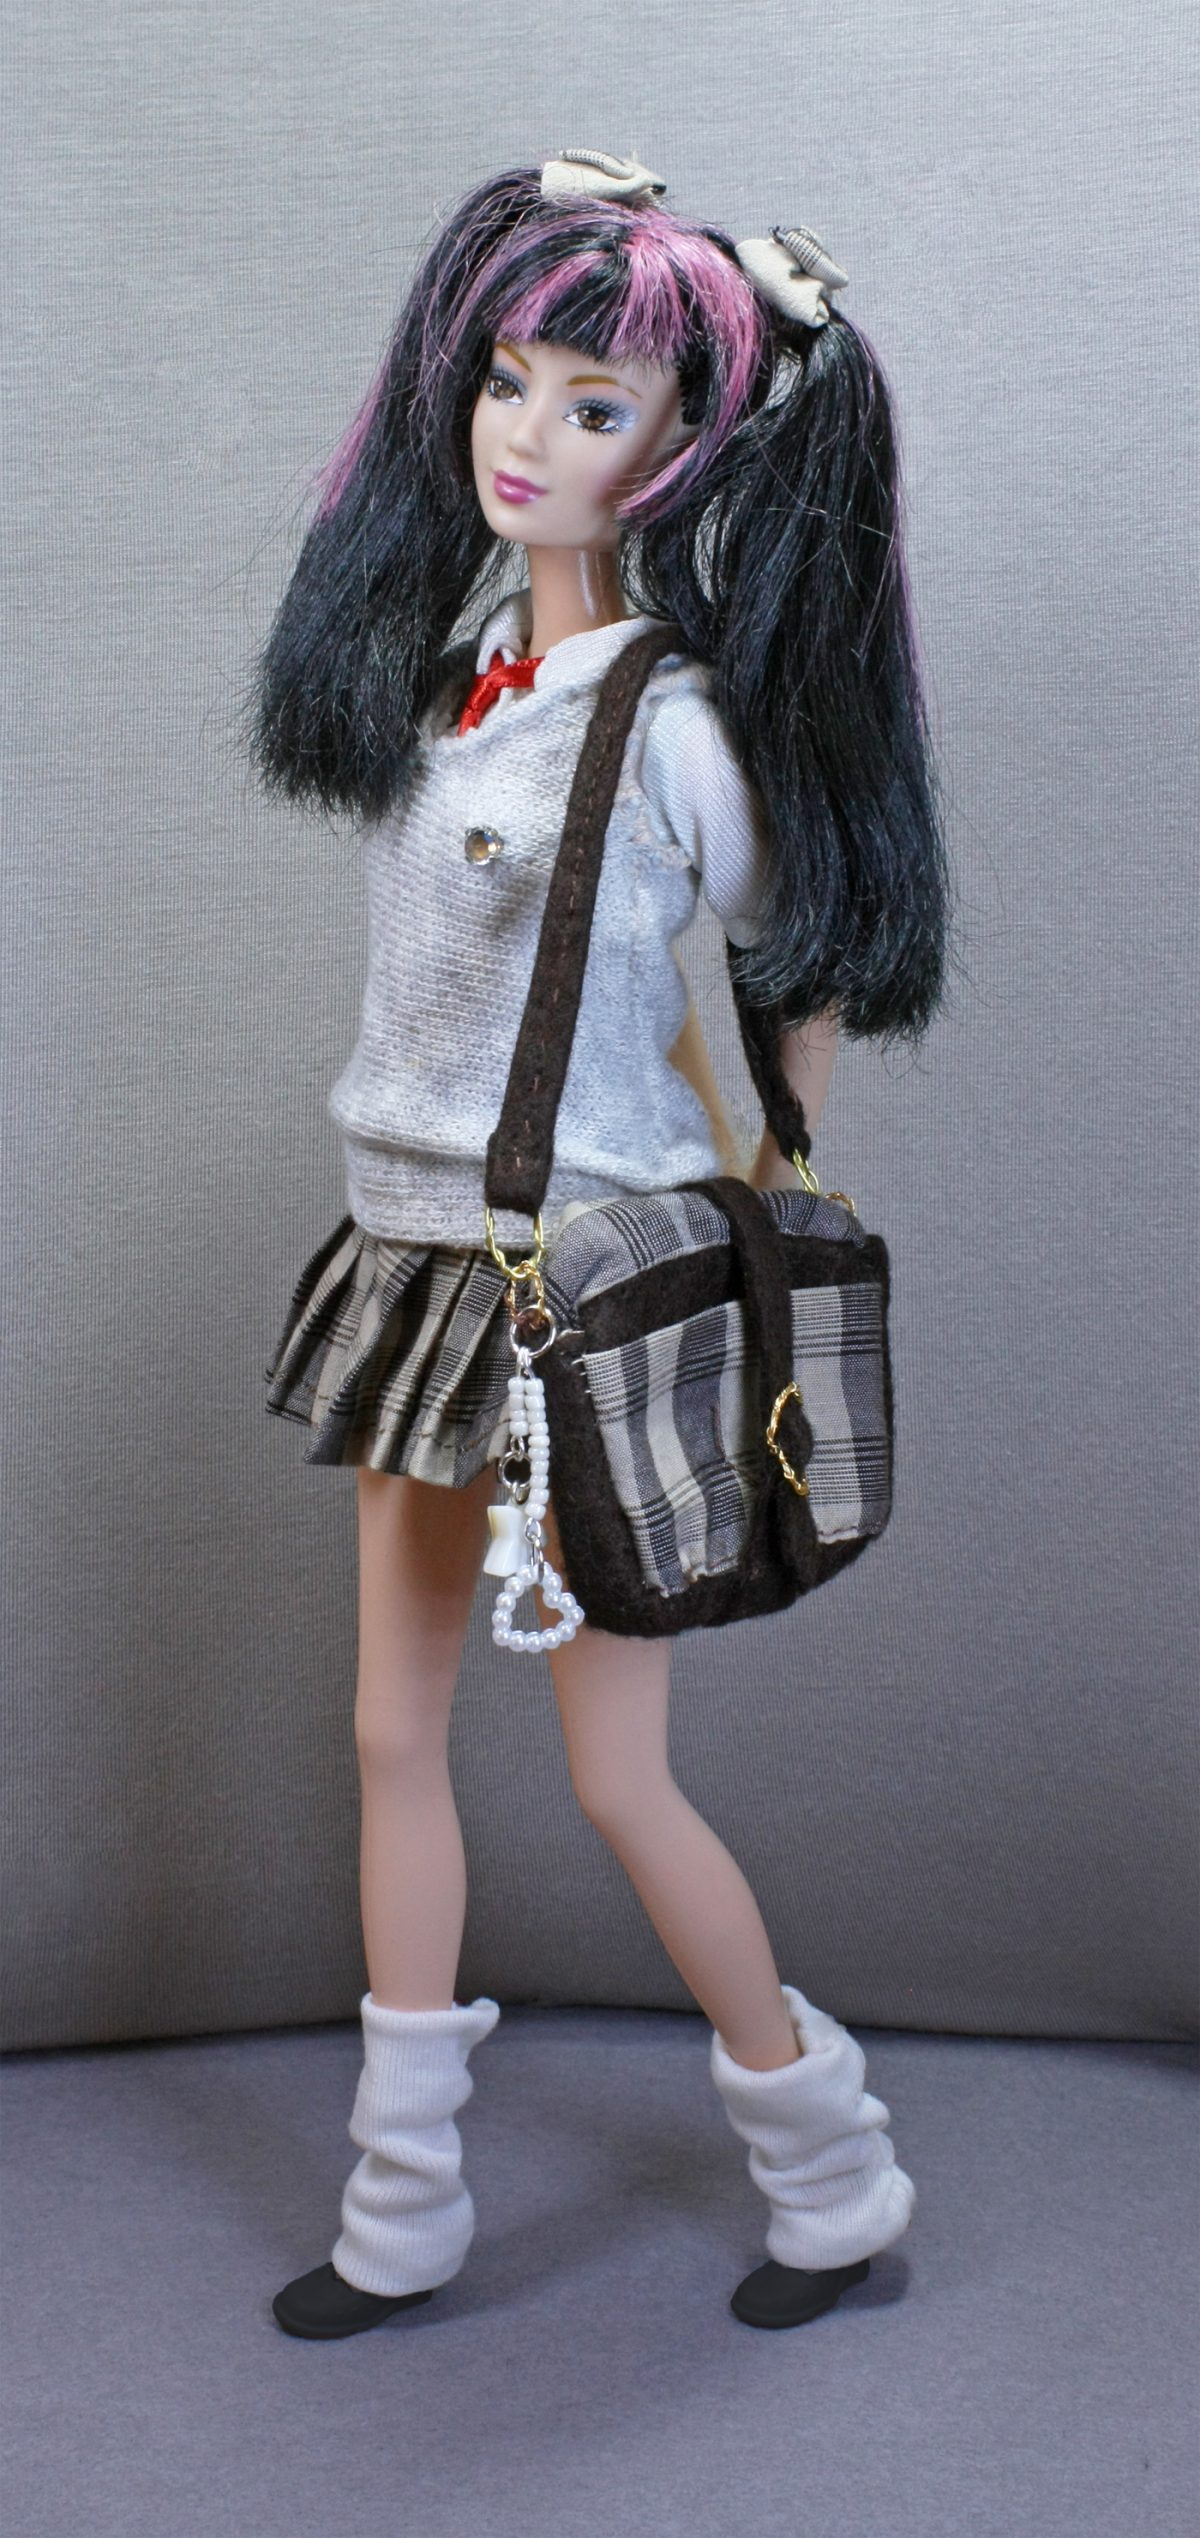 Un tuffo nella scuola giapponese per Barbie: uniforme scolastica